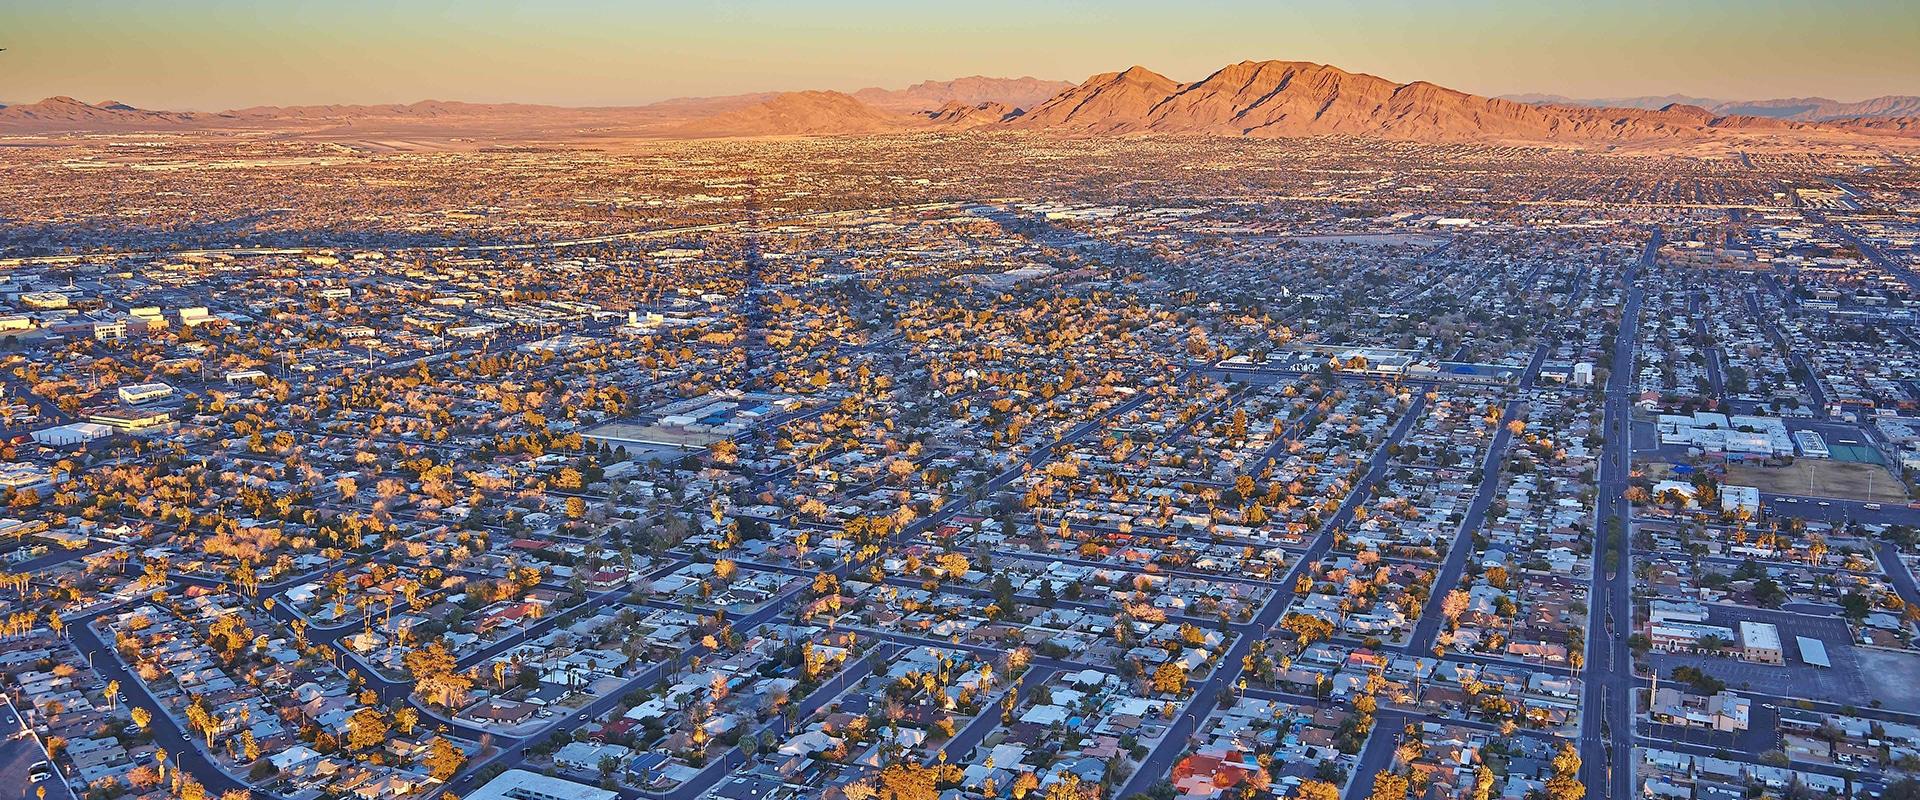 Property Management Las Vegas